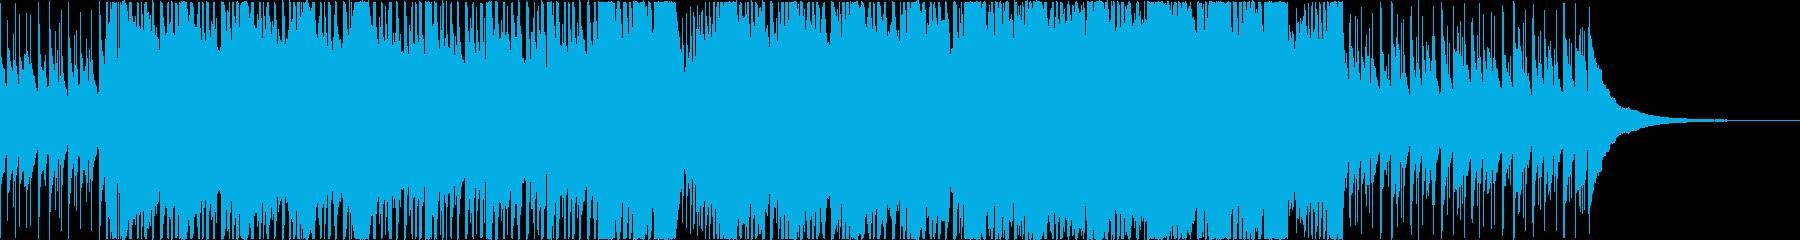 グランジ+スタジアム感なロックの再生済みの波形